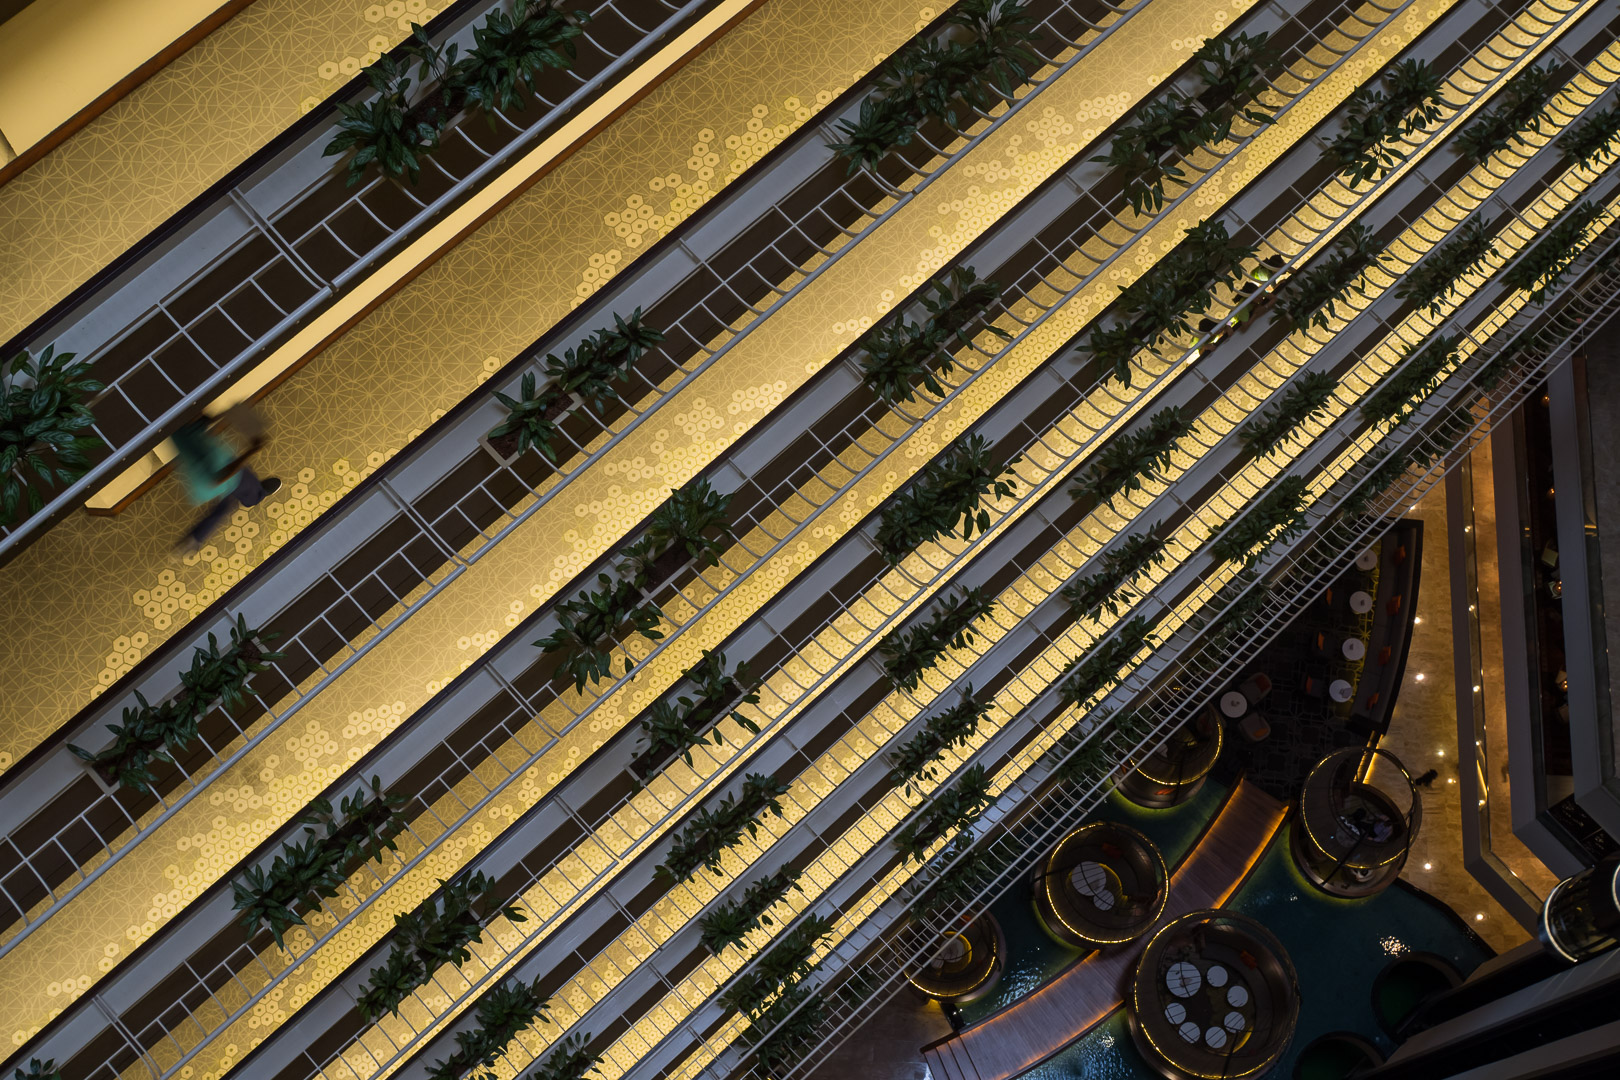 the golden floor